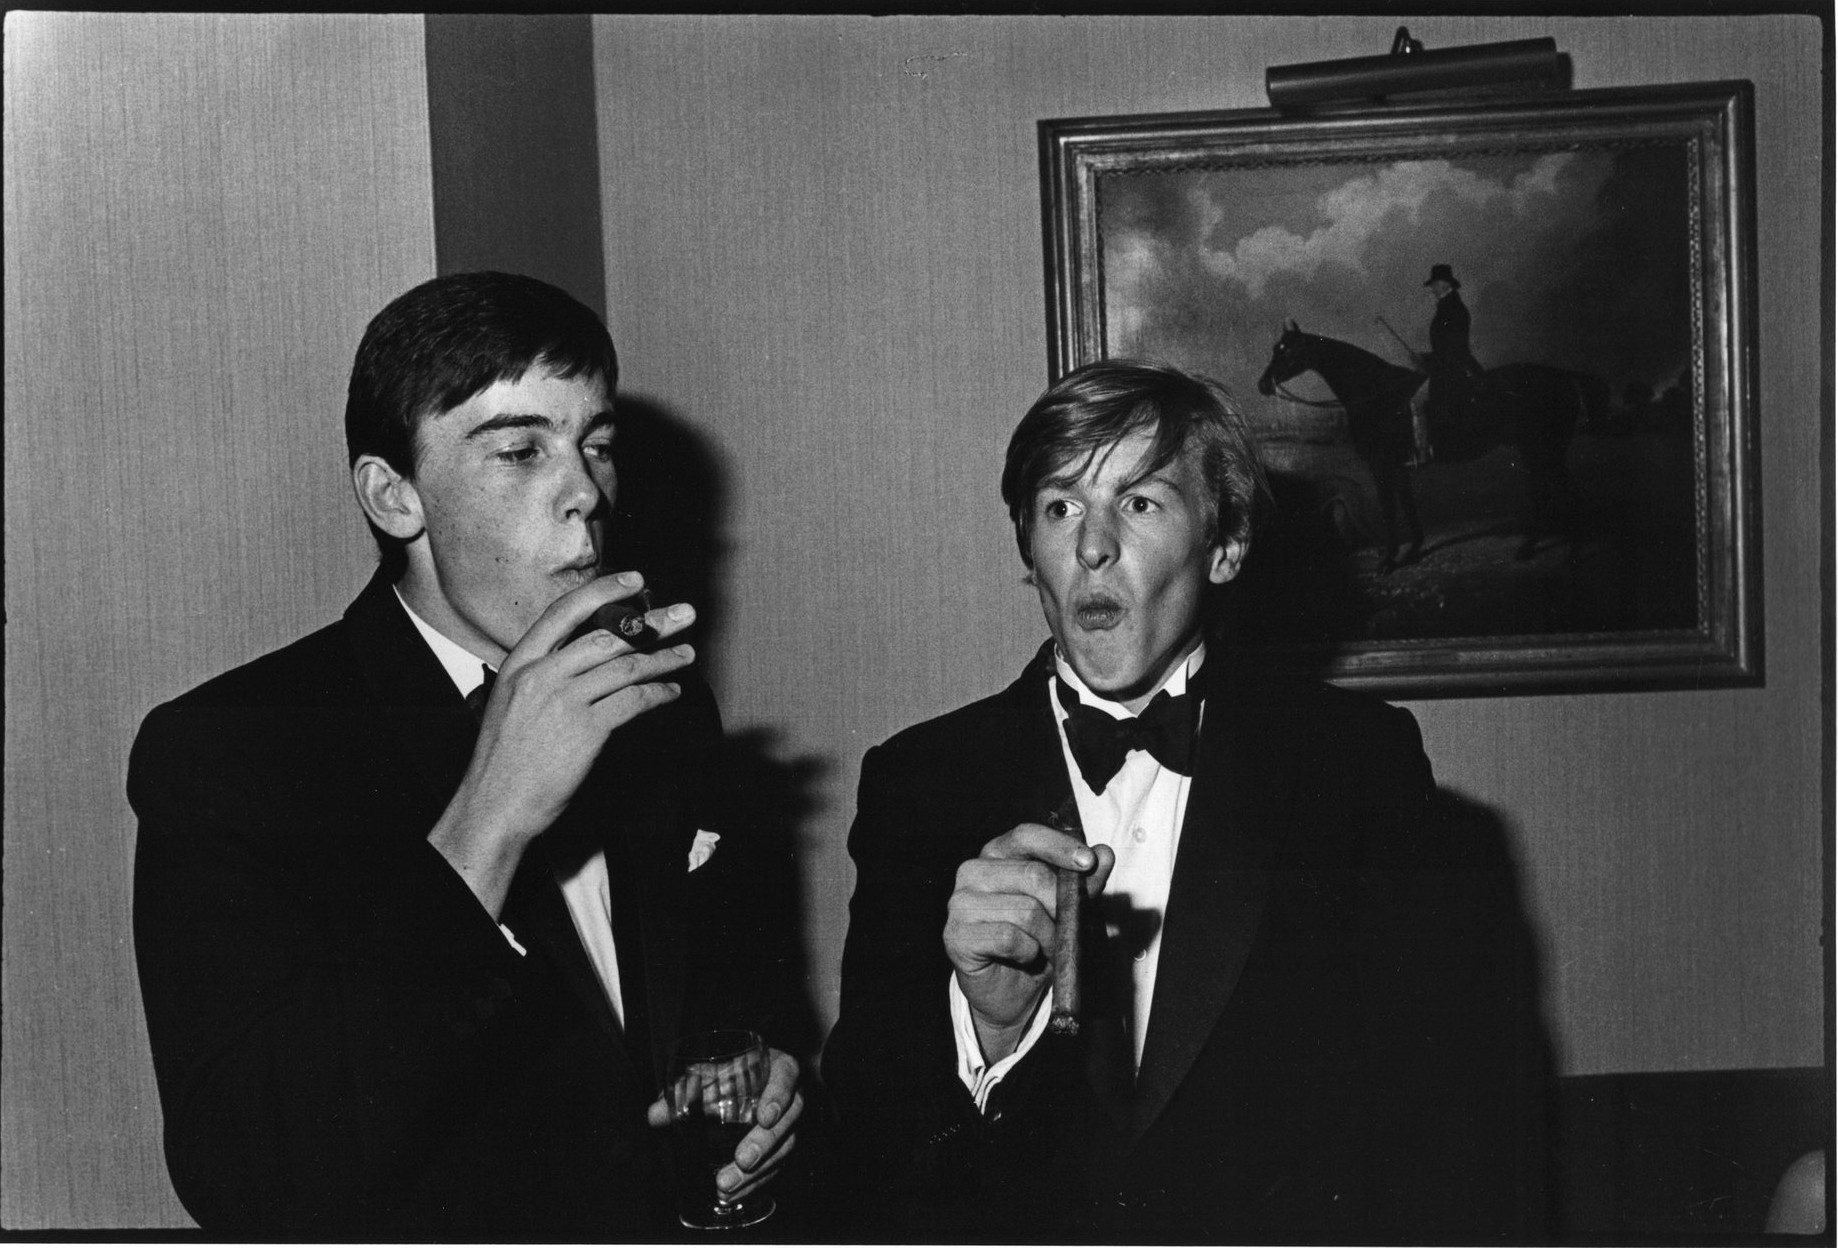 Уилльям Нотт и Эдвард Хоар на танцевальной вечеринке в частном клубе «Будлс», Лондон, 1981 год. Здес